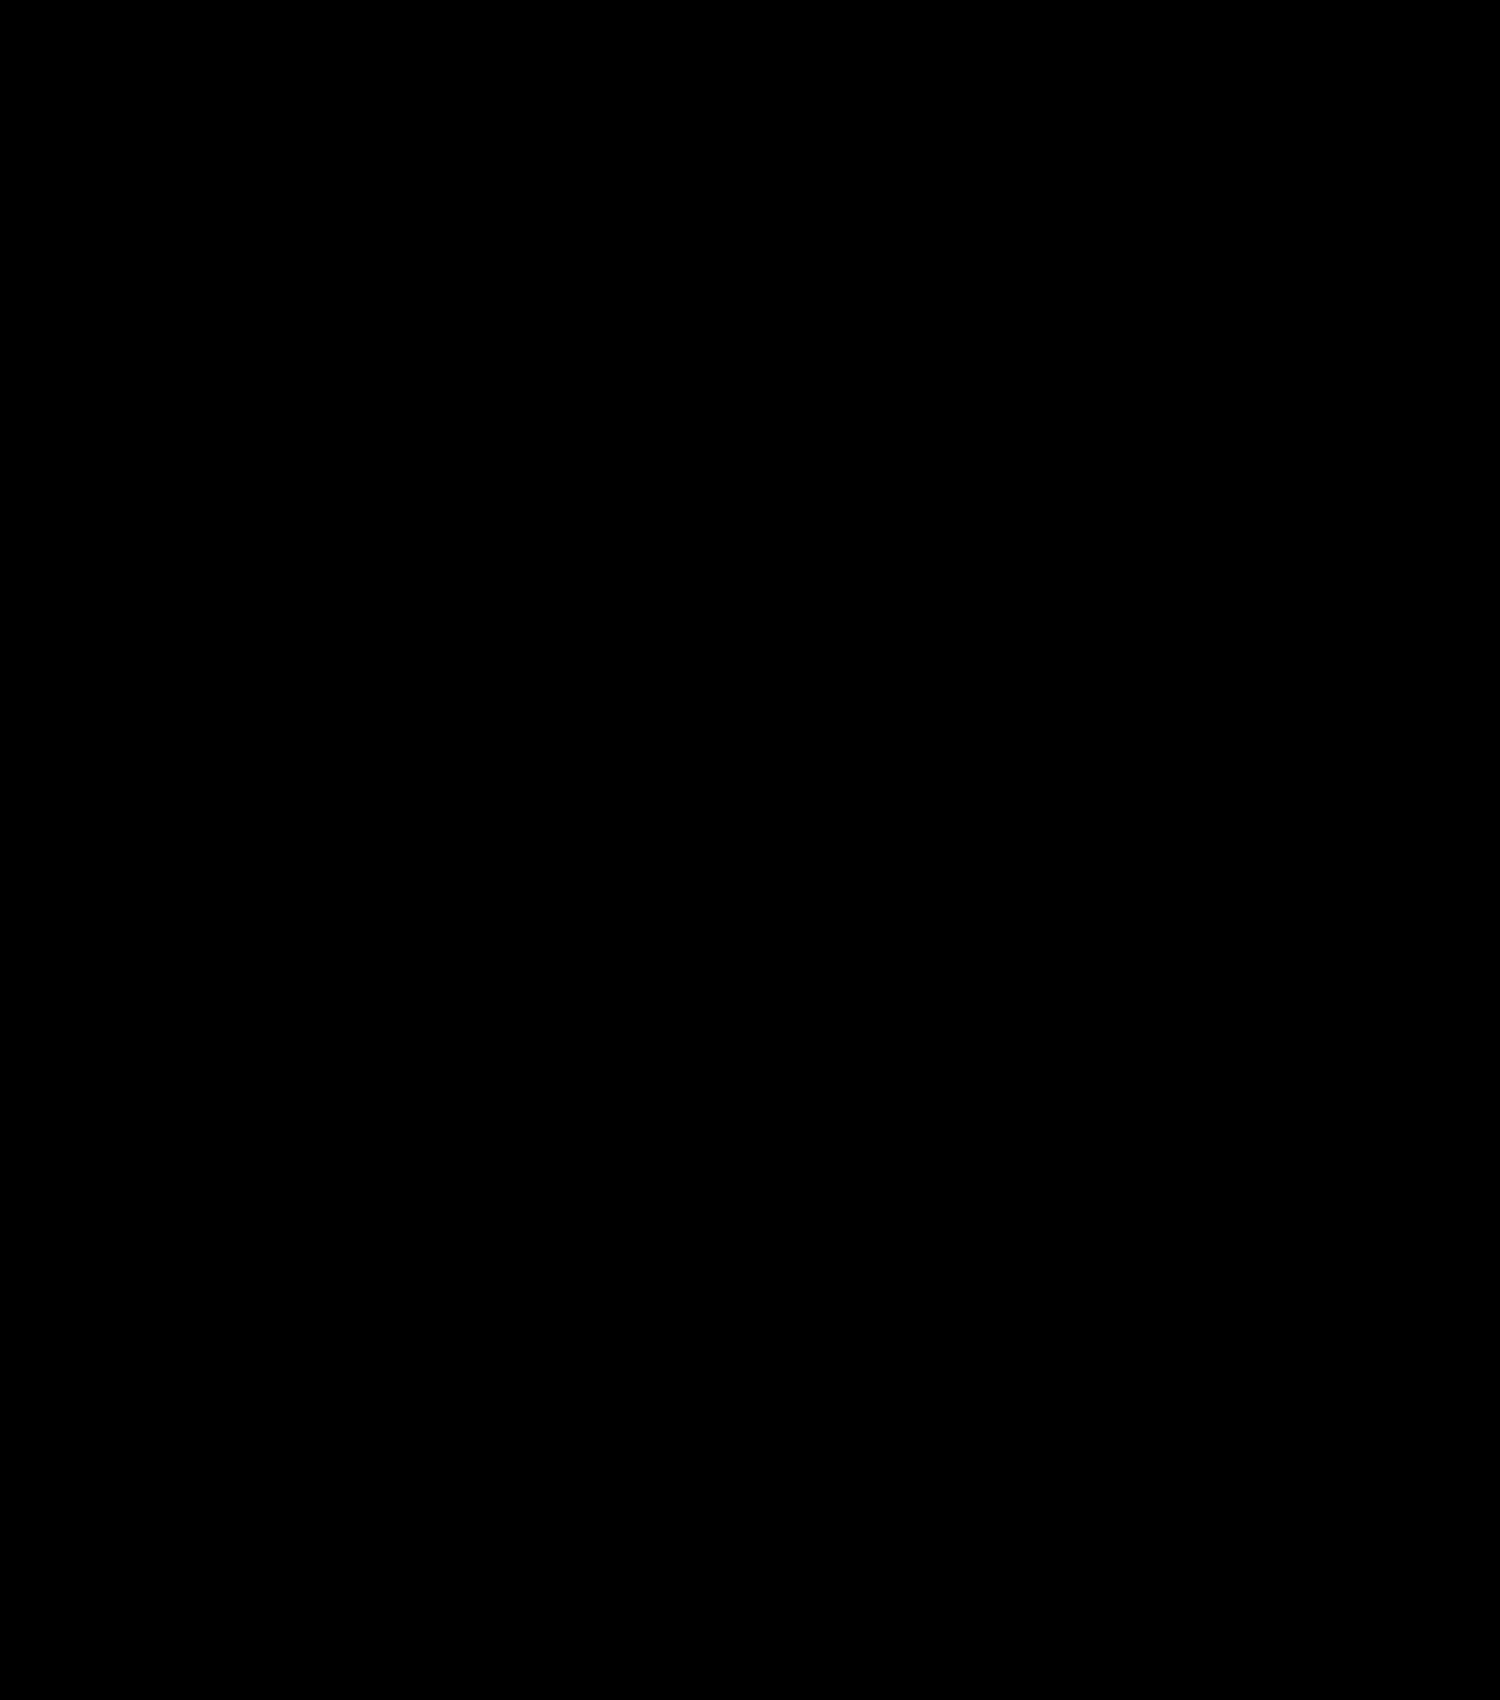 hygmlogo-white-png-2 (1)